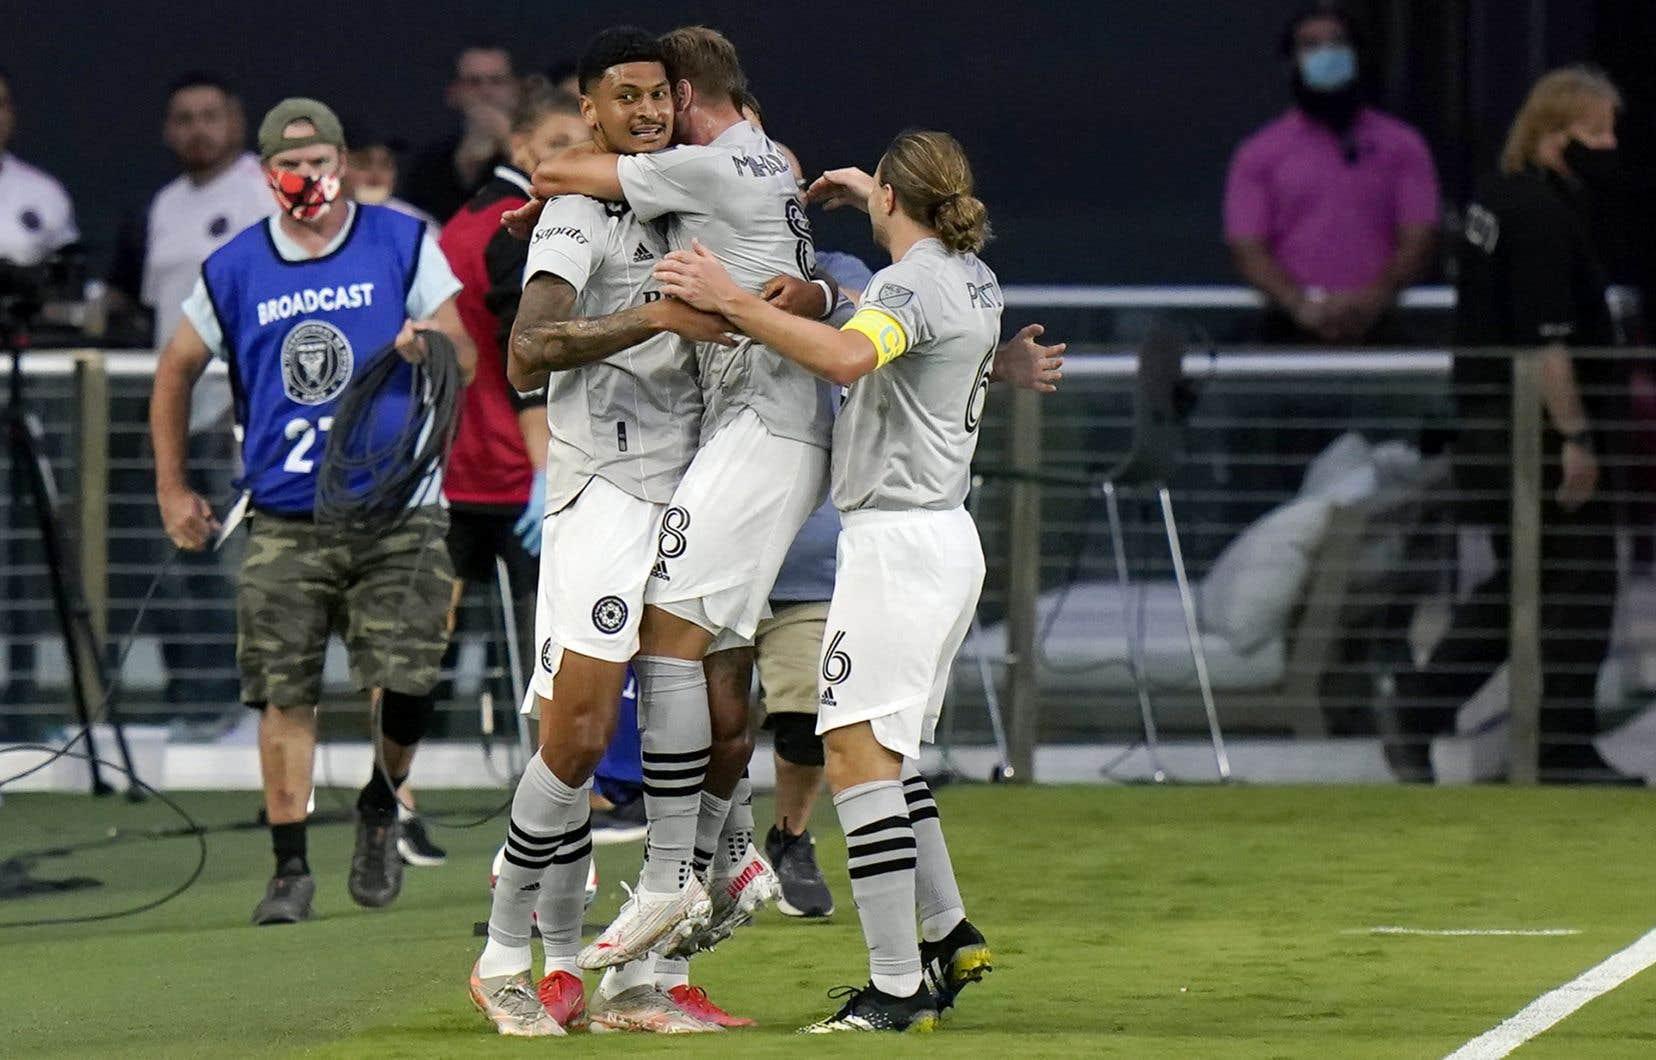 Les hommes de Wilfried Nancy se sont hissés au premier rang du classement de l'Association Est avec un gain de 2-0 contre l'Inter Miami CF, mercredi soir.